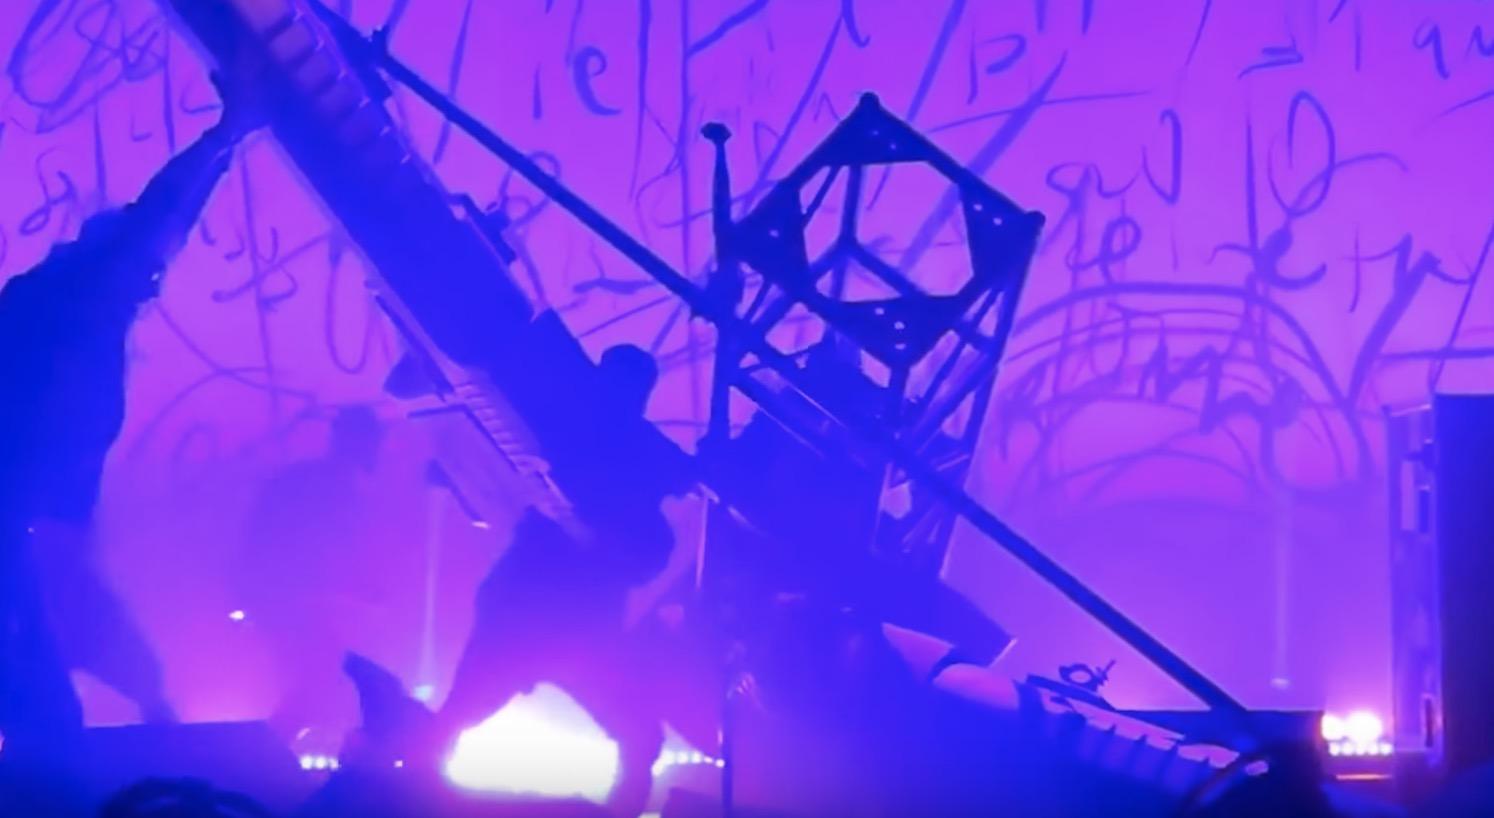 マリリン・マンソンさんが舞台セットの下敷きに!その瞬間の映像